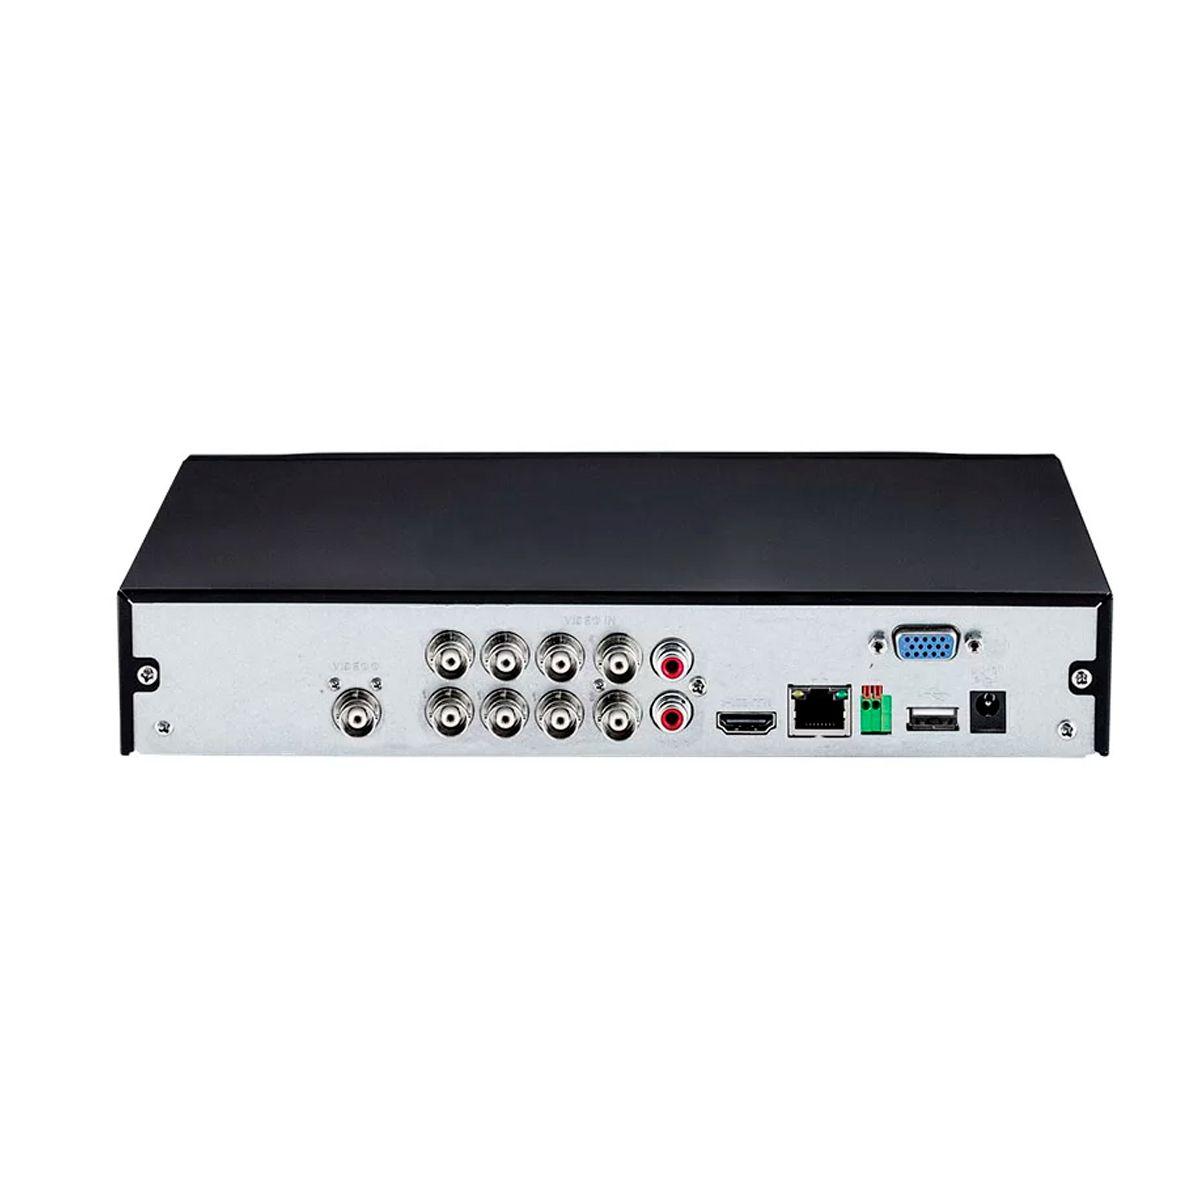 Kit 8  Câmeras HD 720p 10m Infravermelho de Visão Noturna VHD 1010 B G5 + DVR Intelbras + App Grátis de Monitoramento  - Tudo Forte